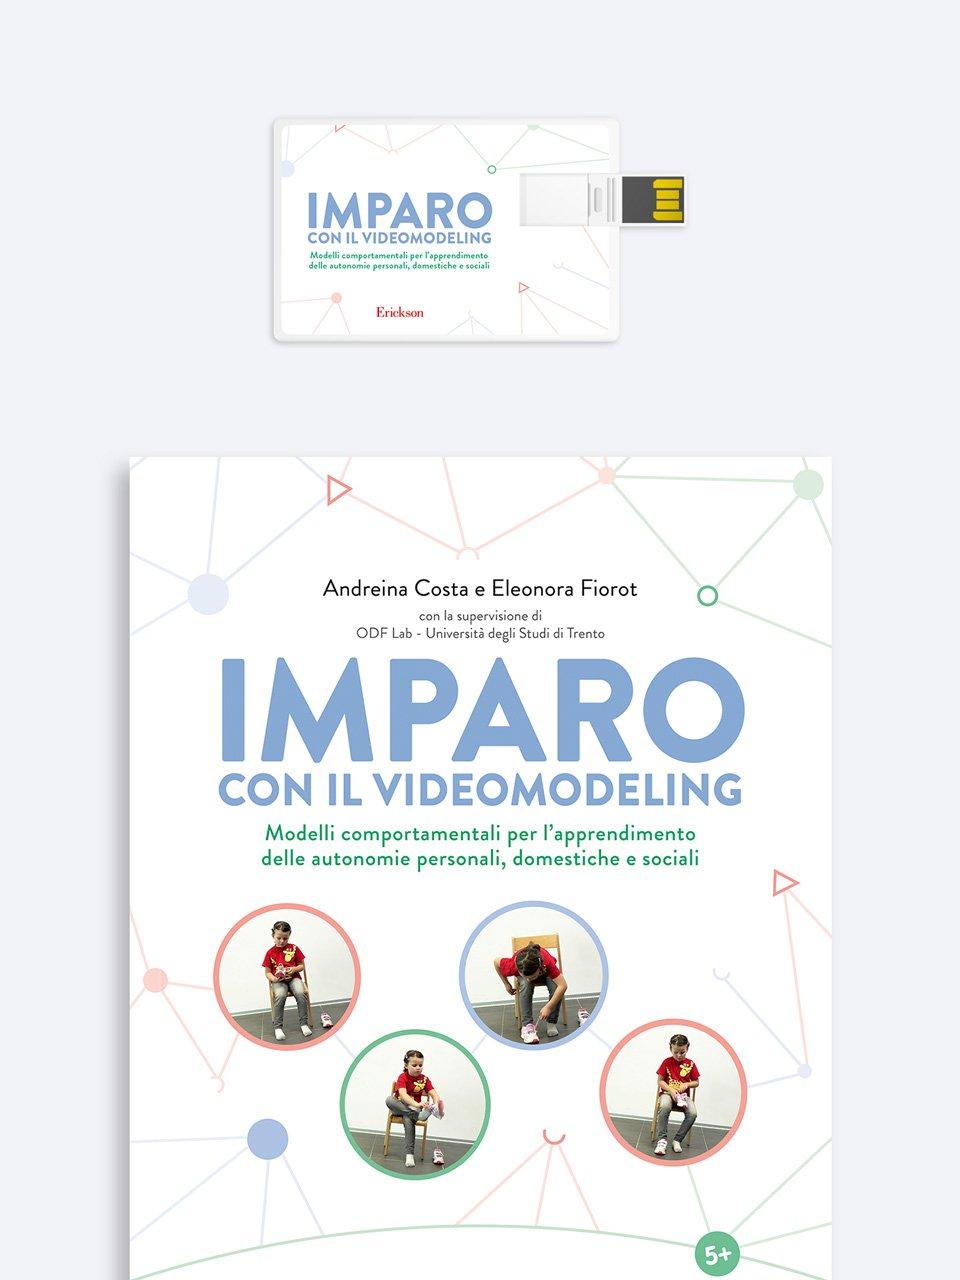 Imparo con il videomodeling Professional - Vedere, pensare altre cose - Libri - Erickson 2